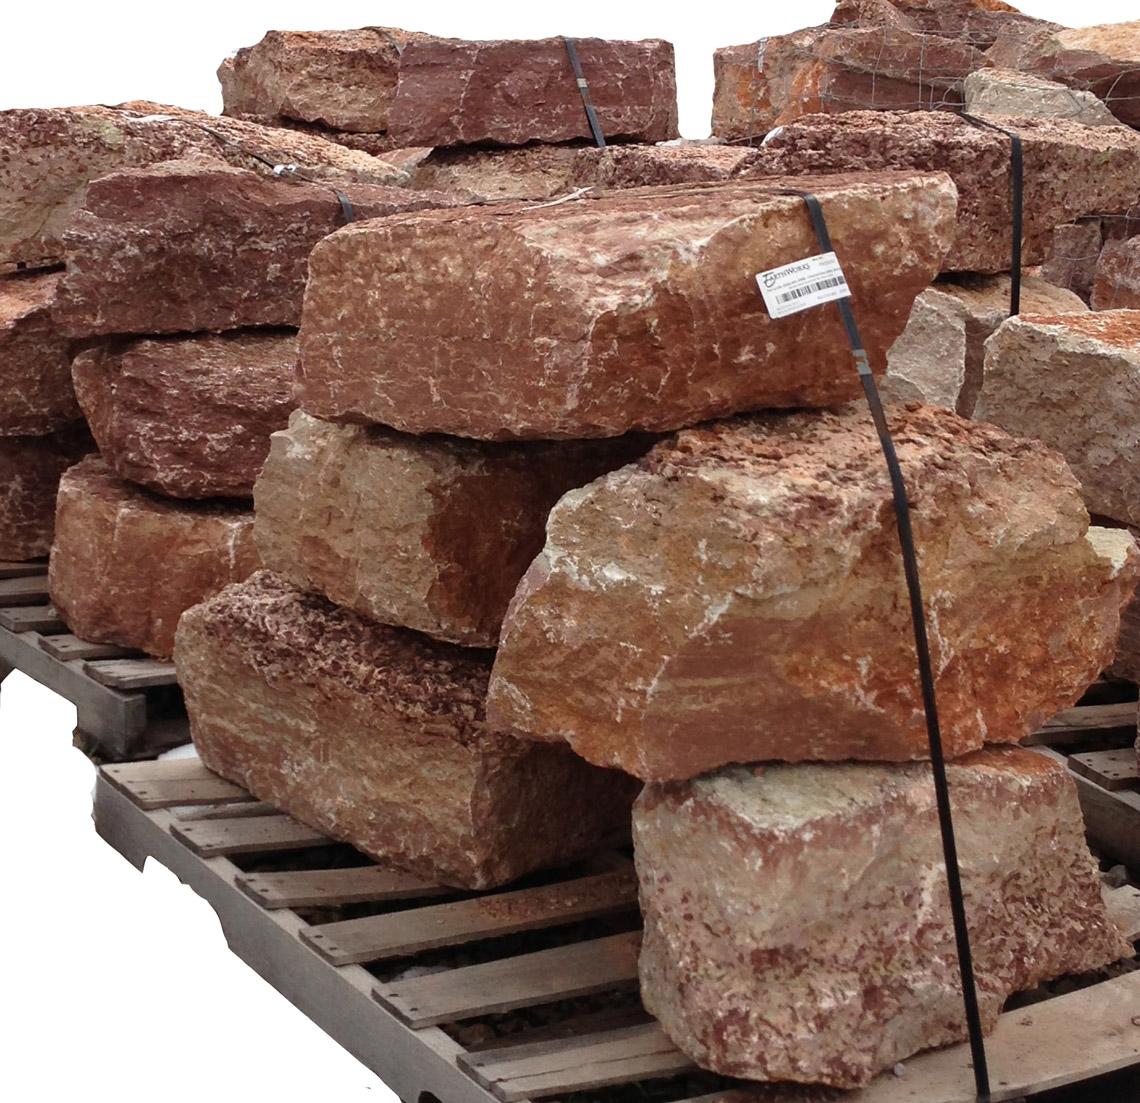 Earthworks Natural Stone : Meridan red boulders ledgerock earthworks natural stone